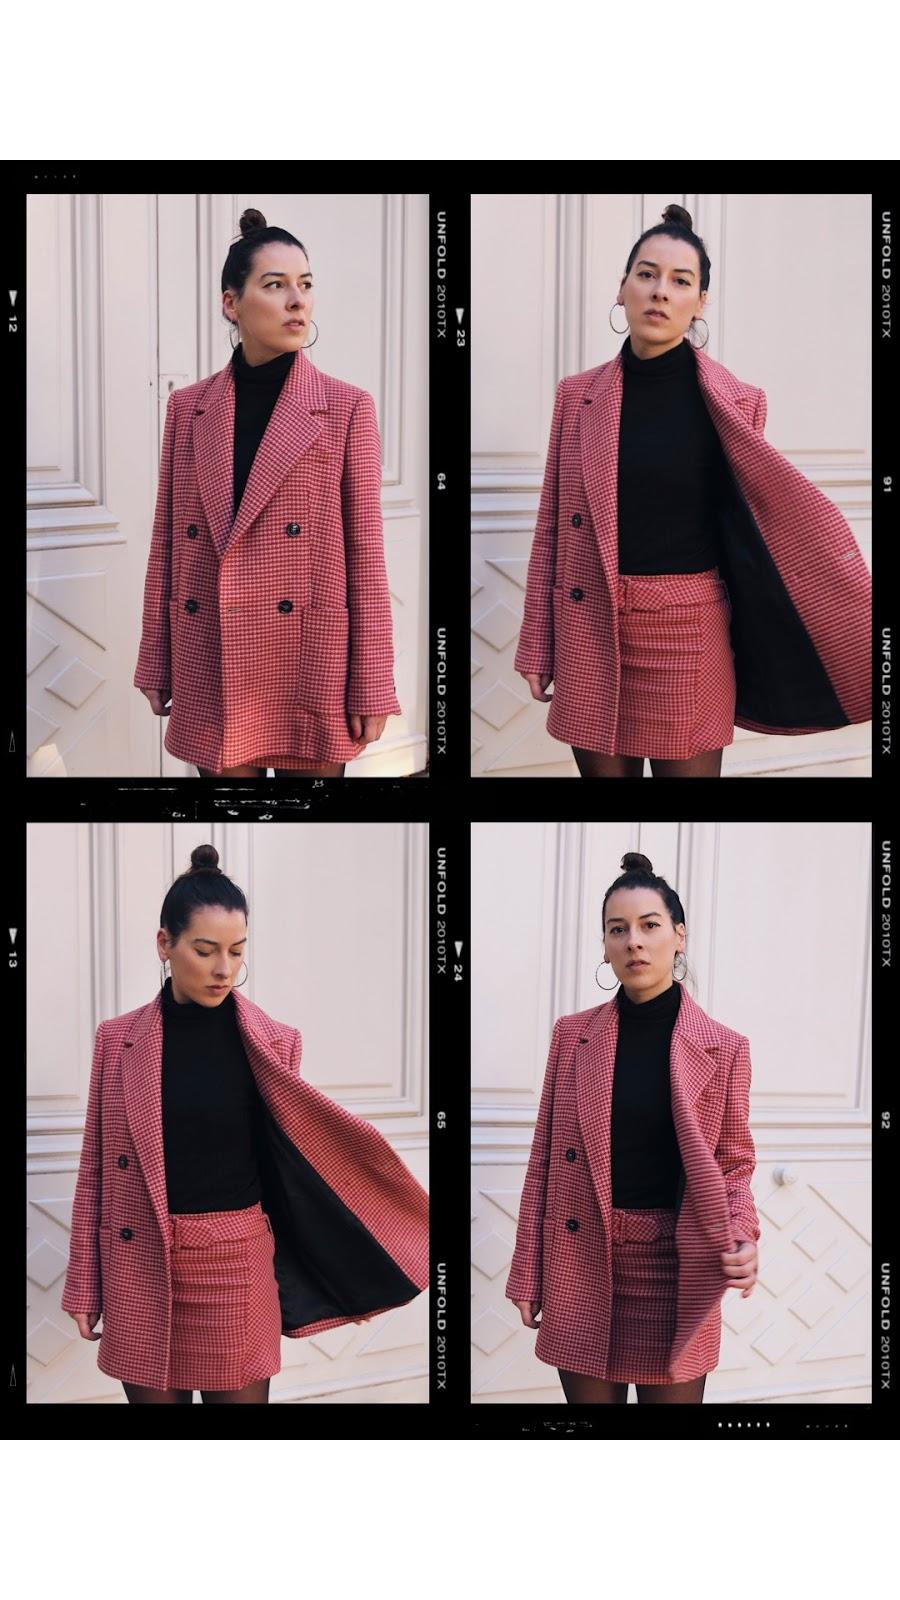 costume carreaux mango, rose tendance , idée de look